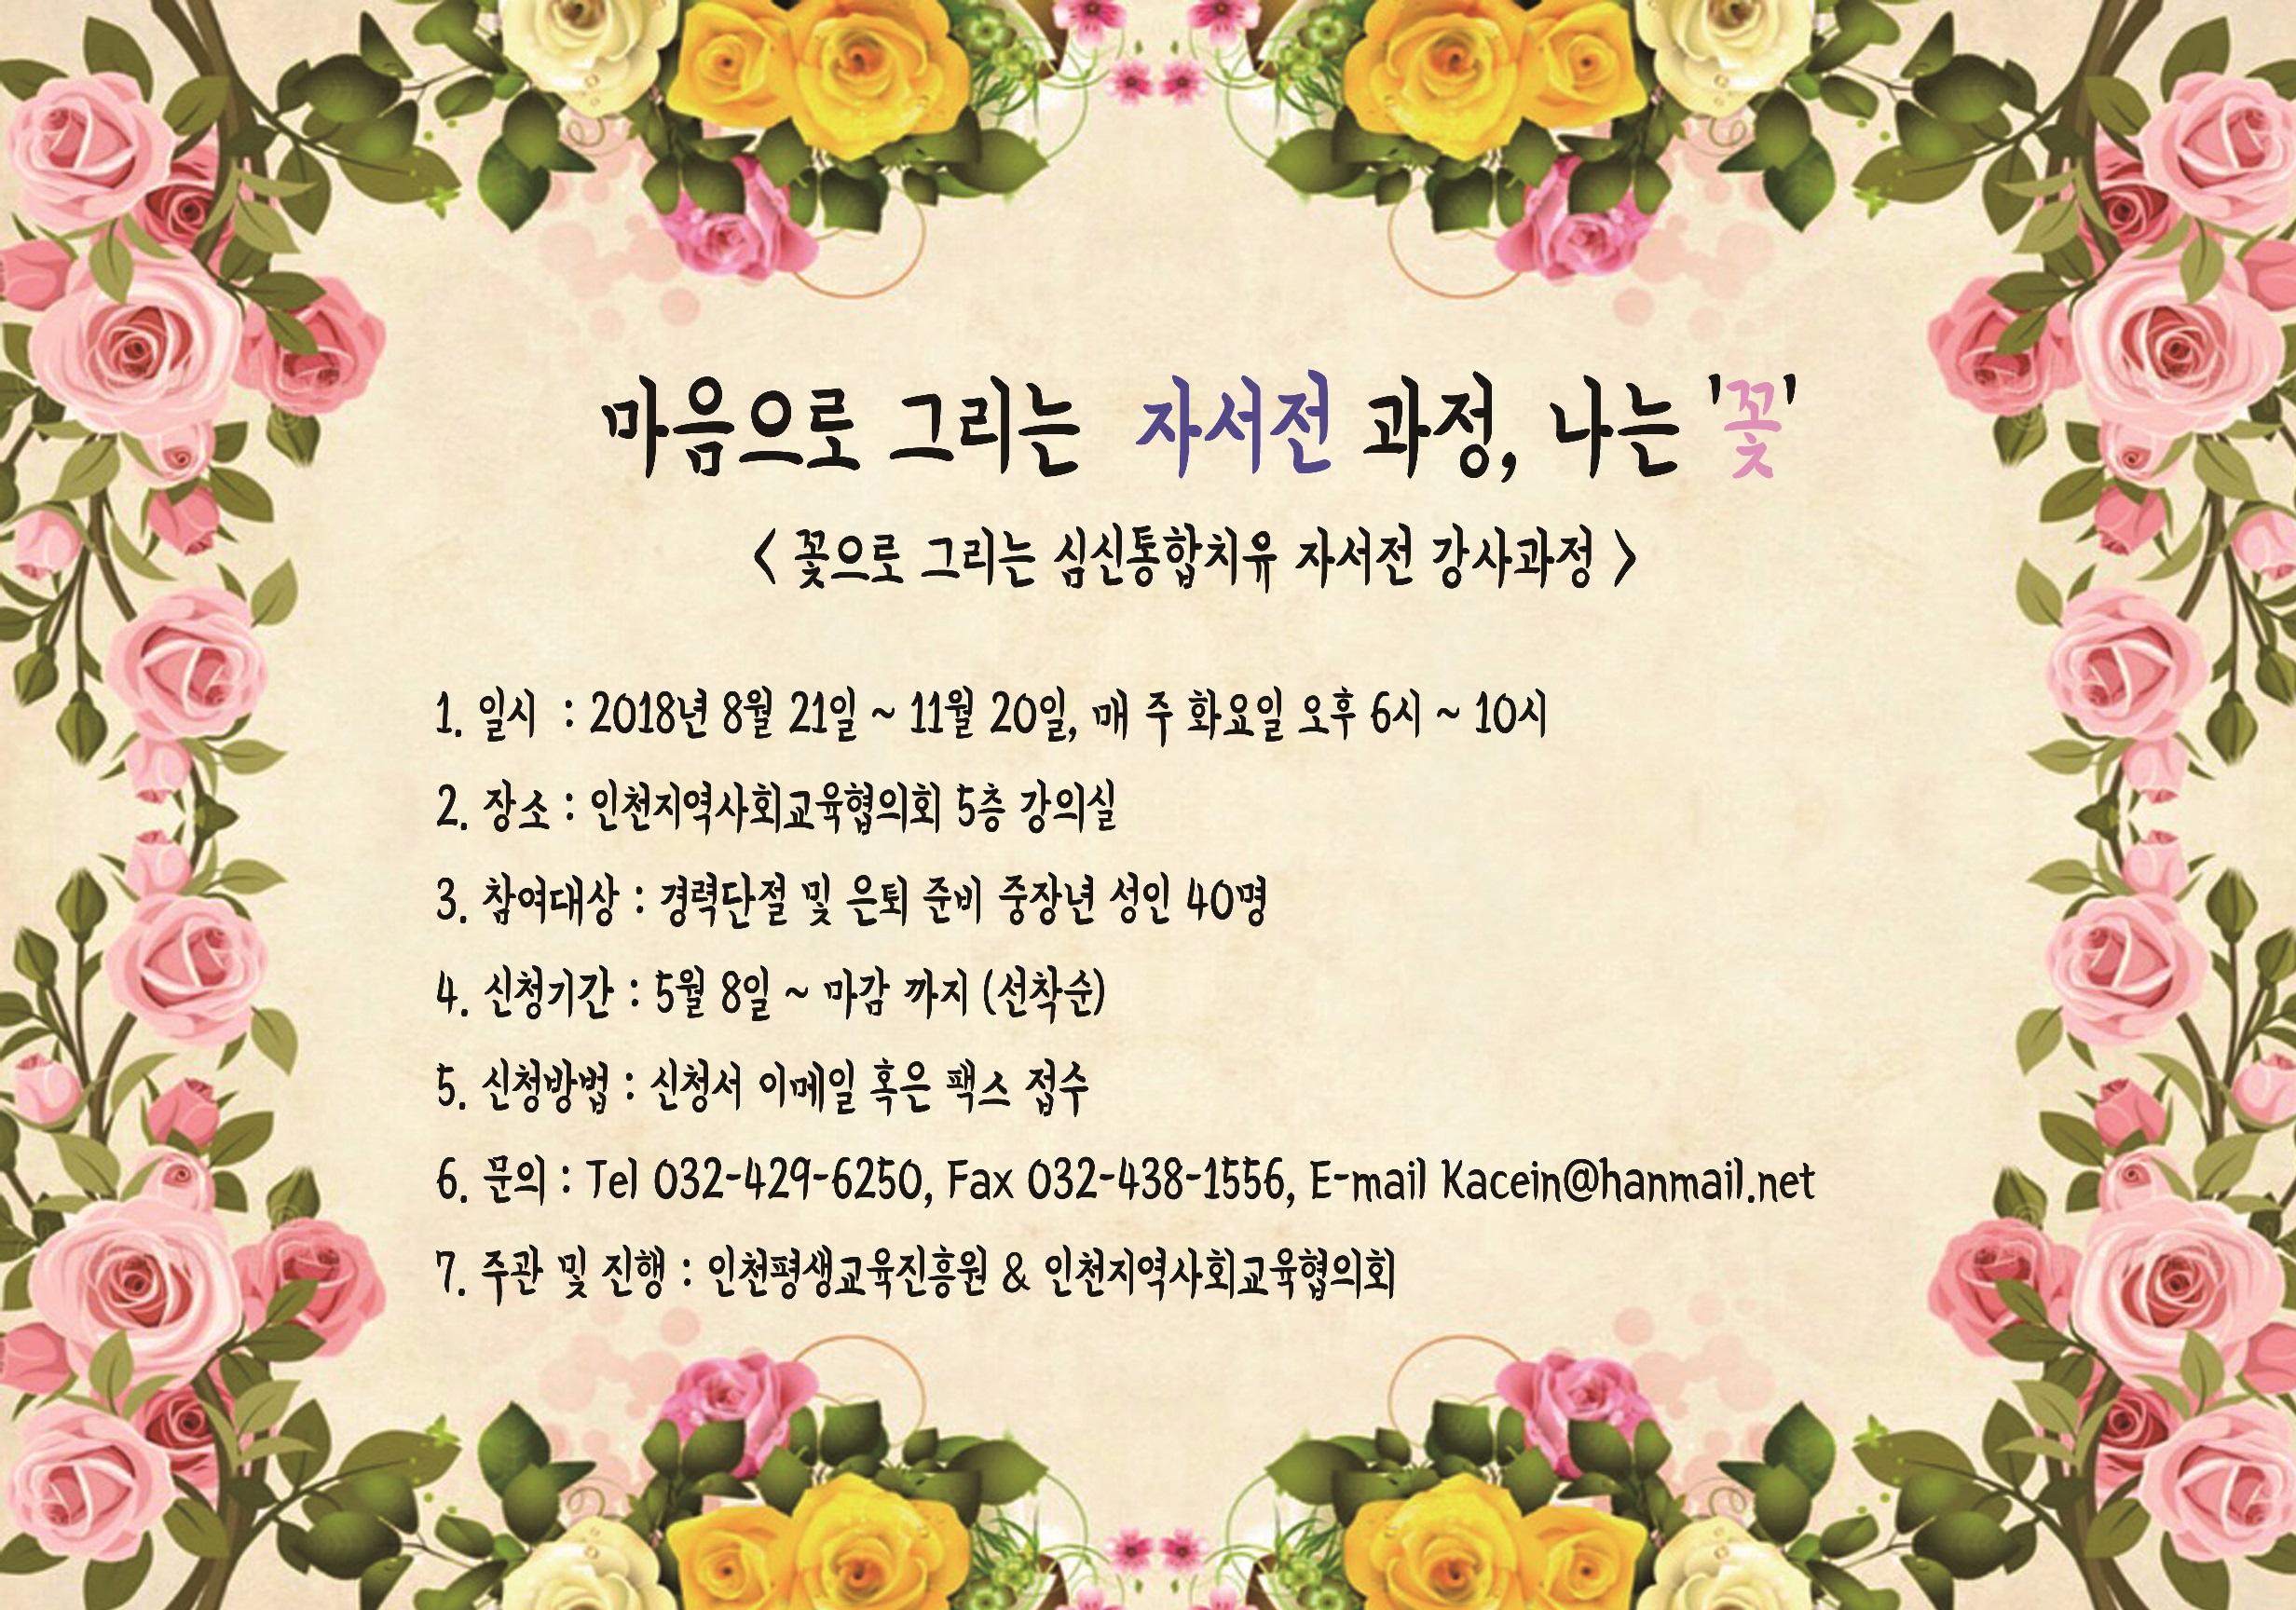 나는 꽃 포스터 추가 모집 (2).jpg